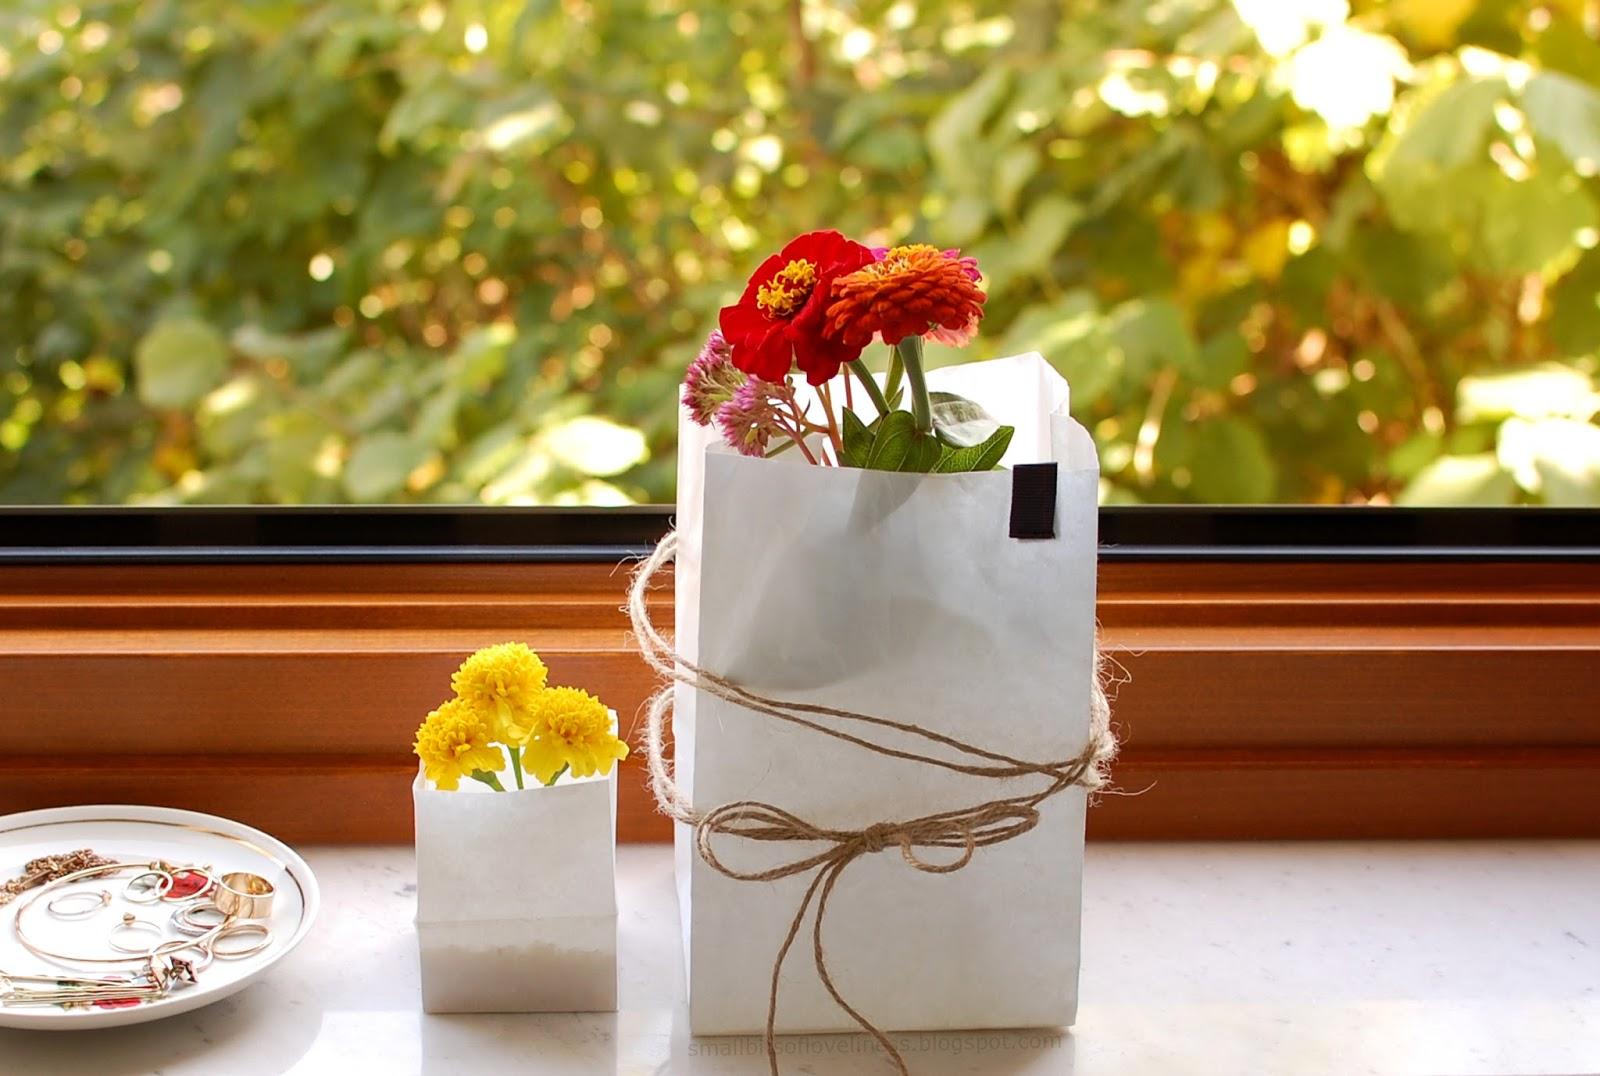 Tindra Square Japan M and Plain XS Bio-degredable Paper Bag Lanterns